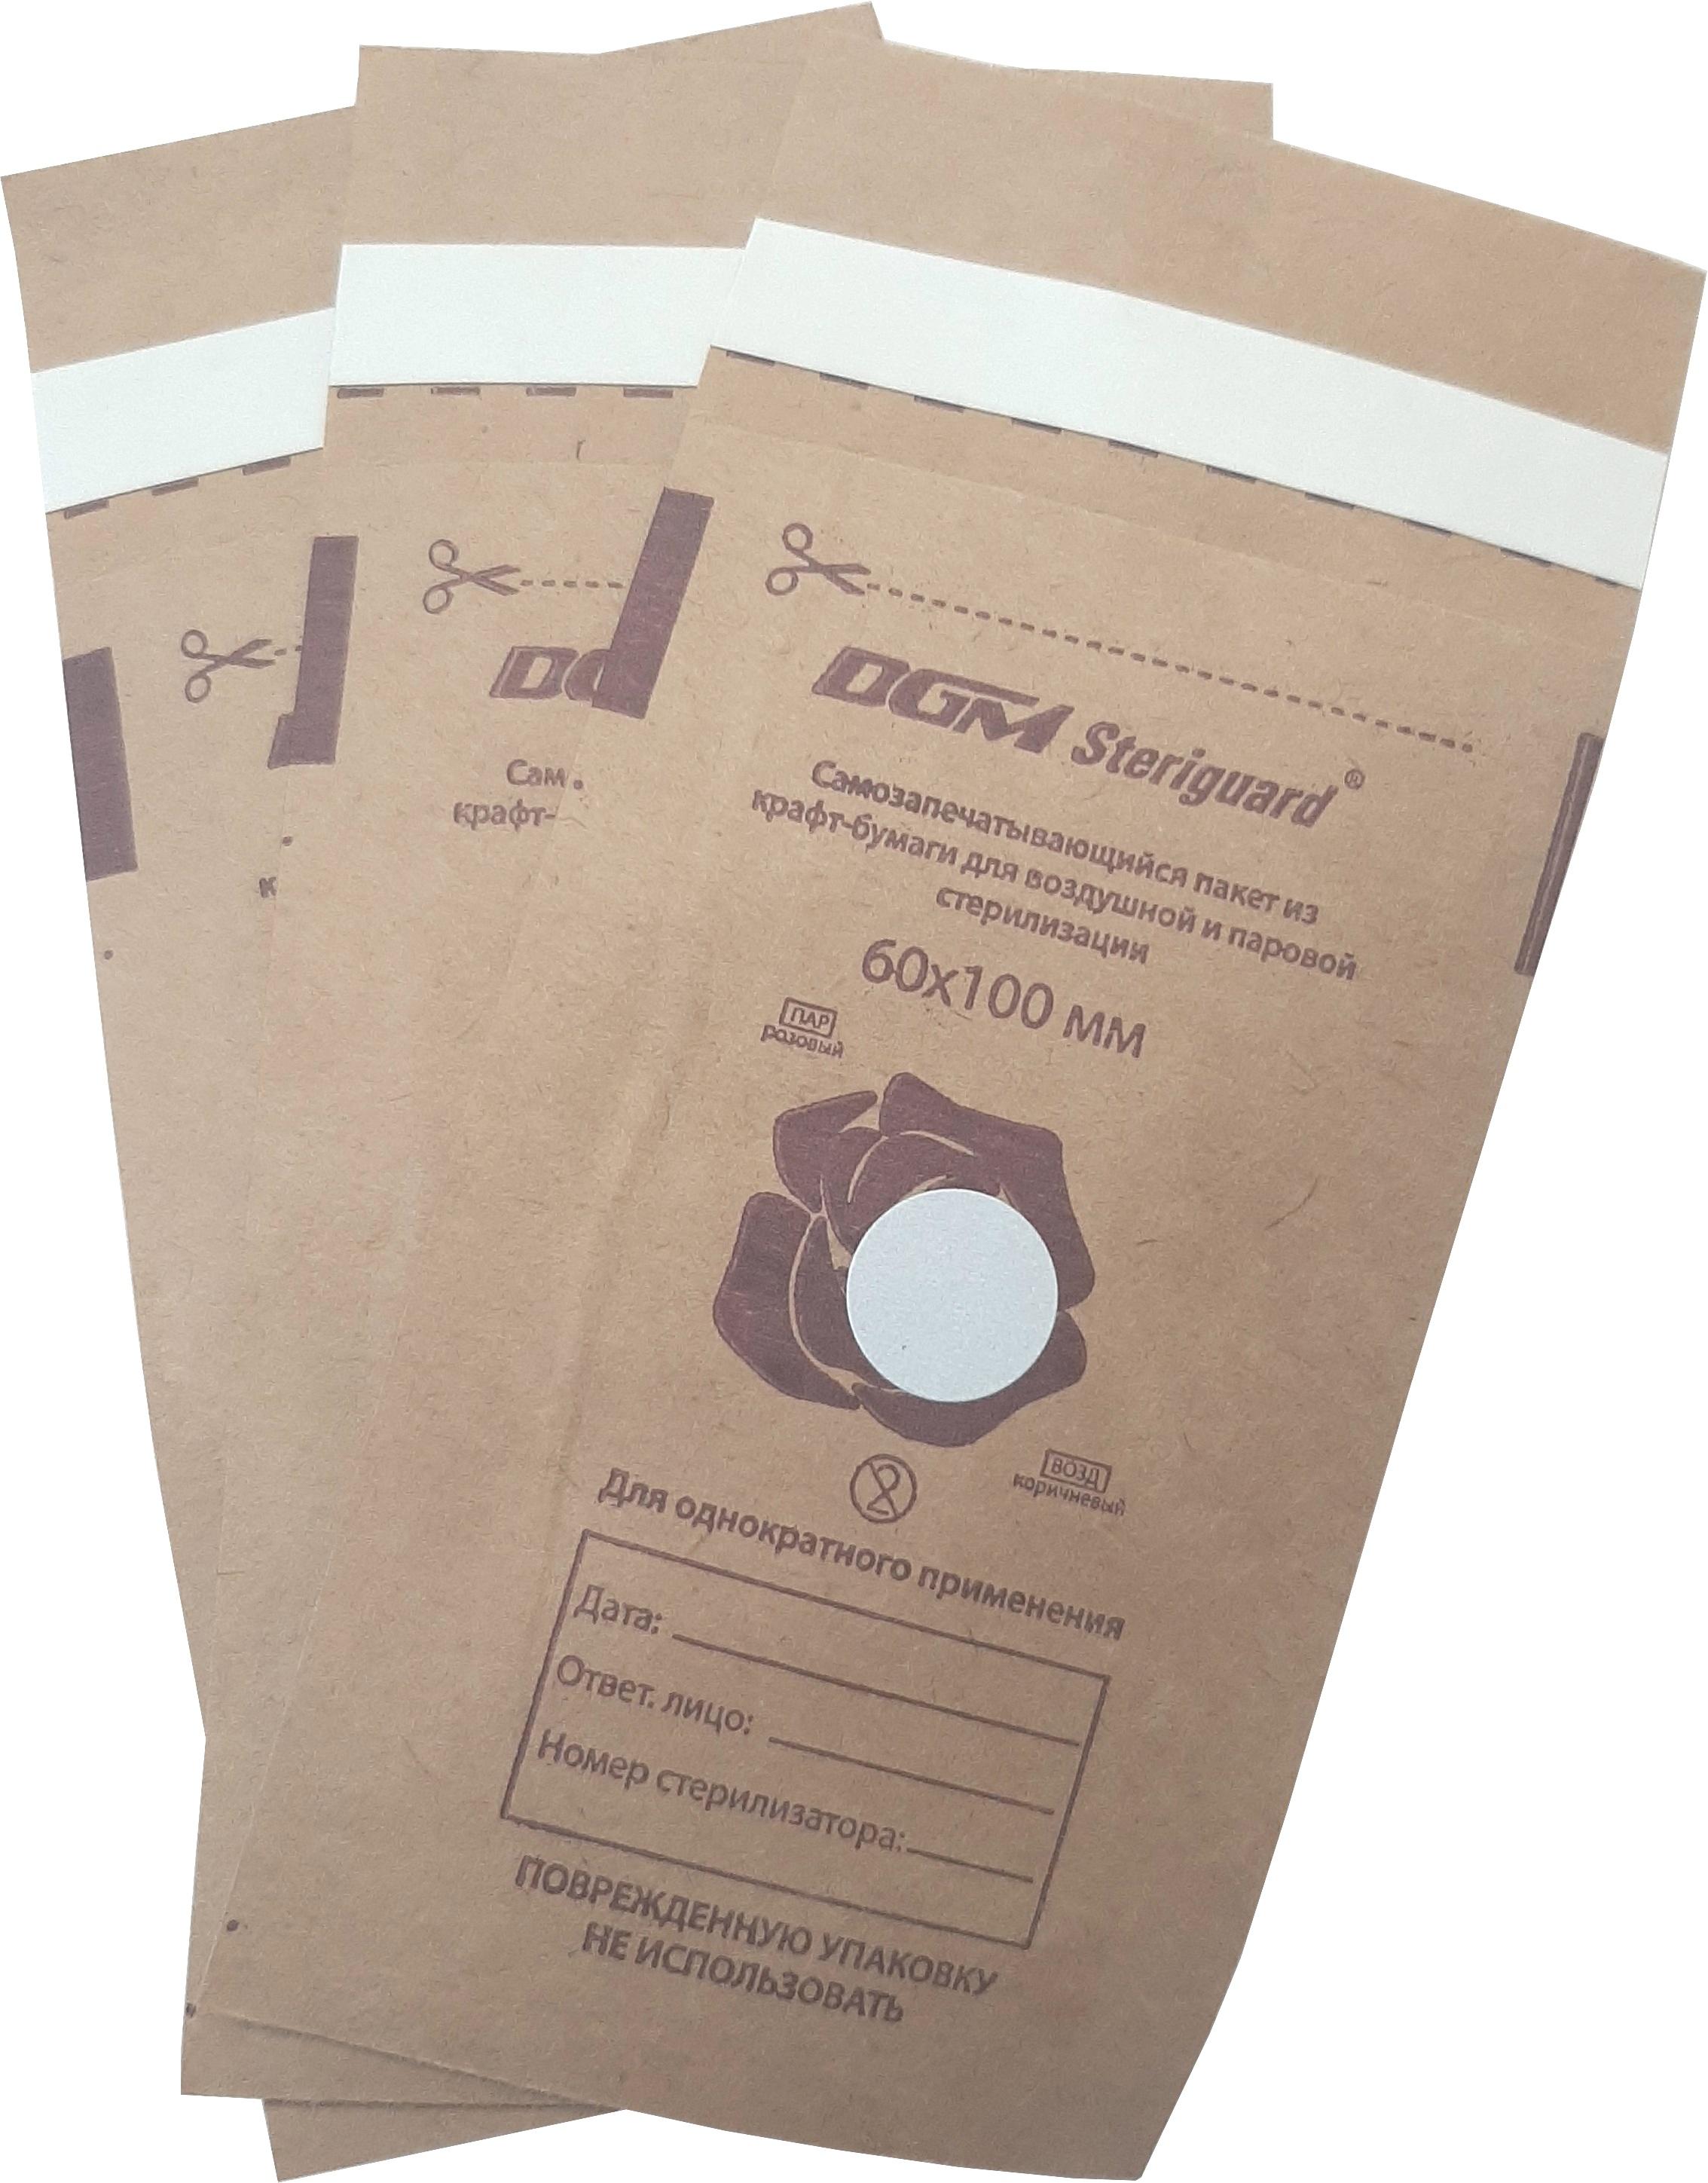 Купить DGM Пакет из крафт-бумаги самозапечатывающийся плоский для медицинской стерилизации / DGM Steriguard 60*100 мм 100 шт